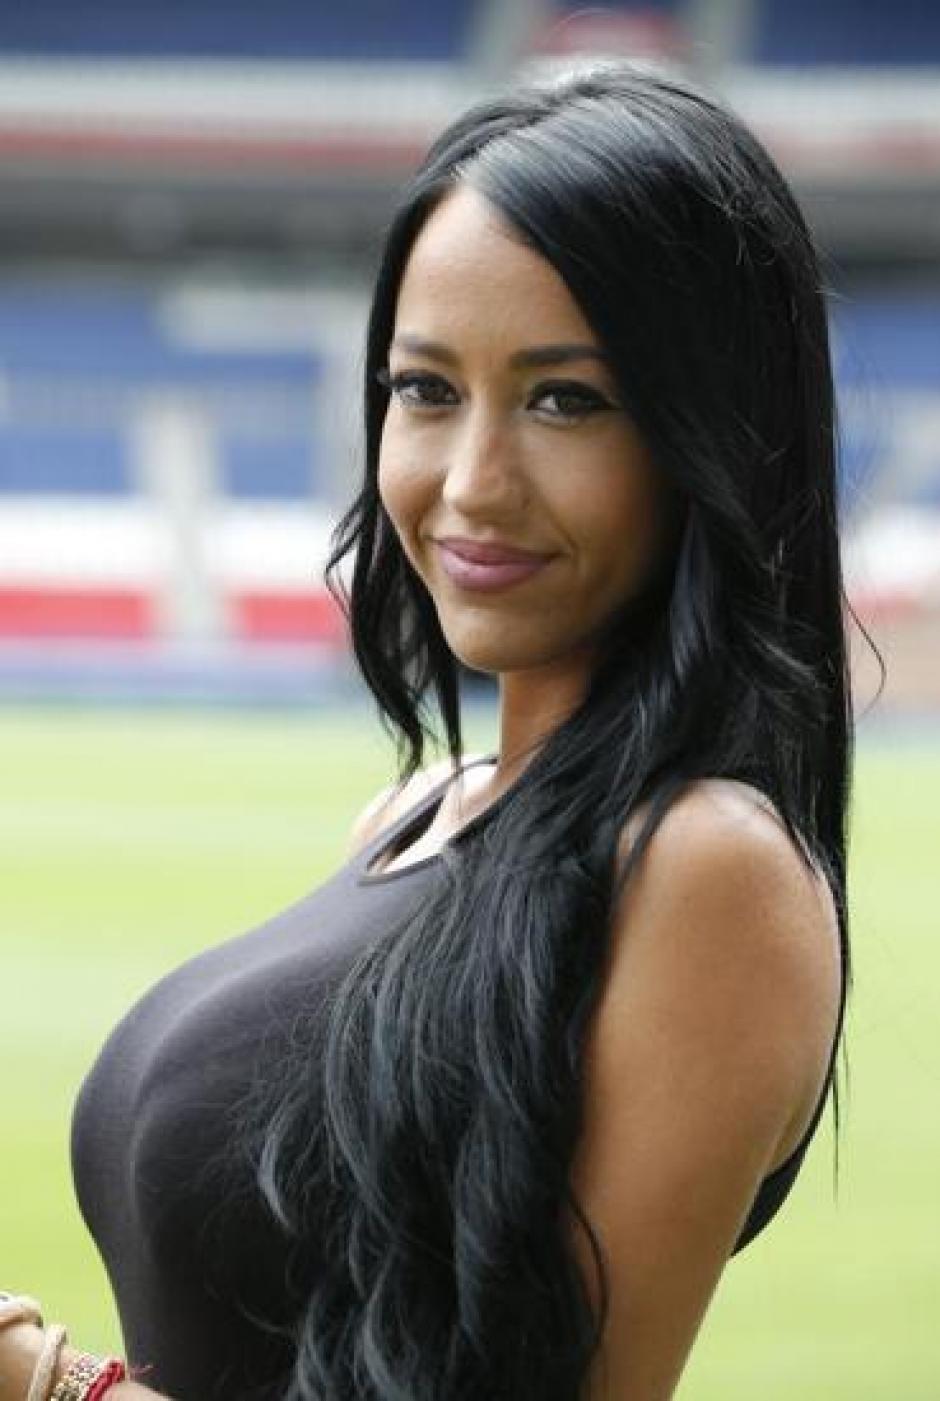 Los seguidores del equipo parisino notaron rápidamente la presencia de la hermosa chica. (Foto: Instagram)